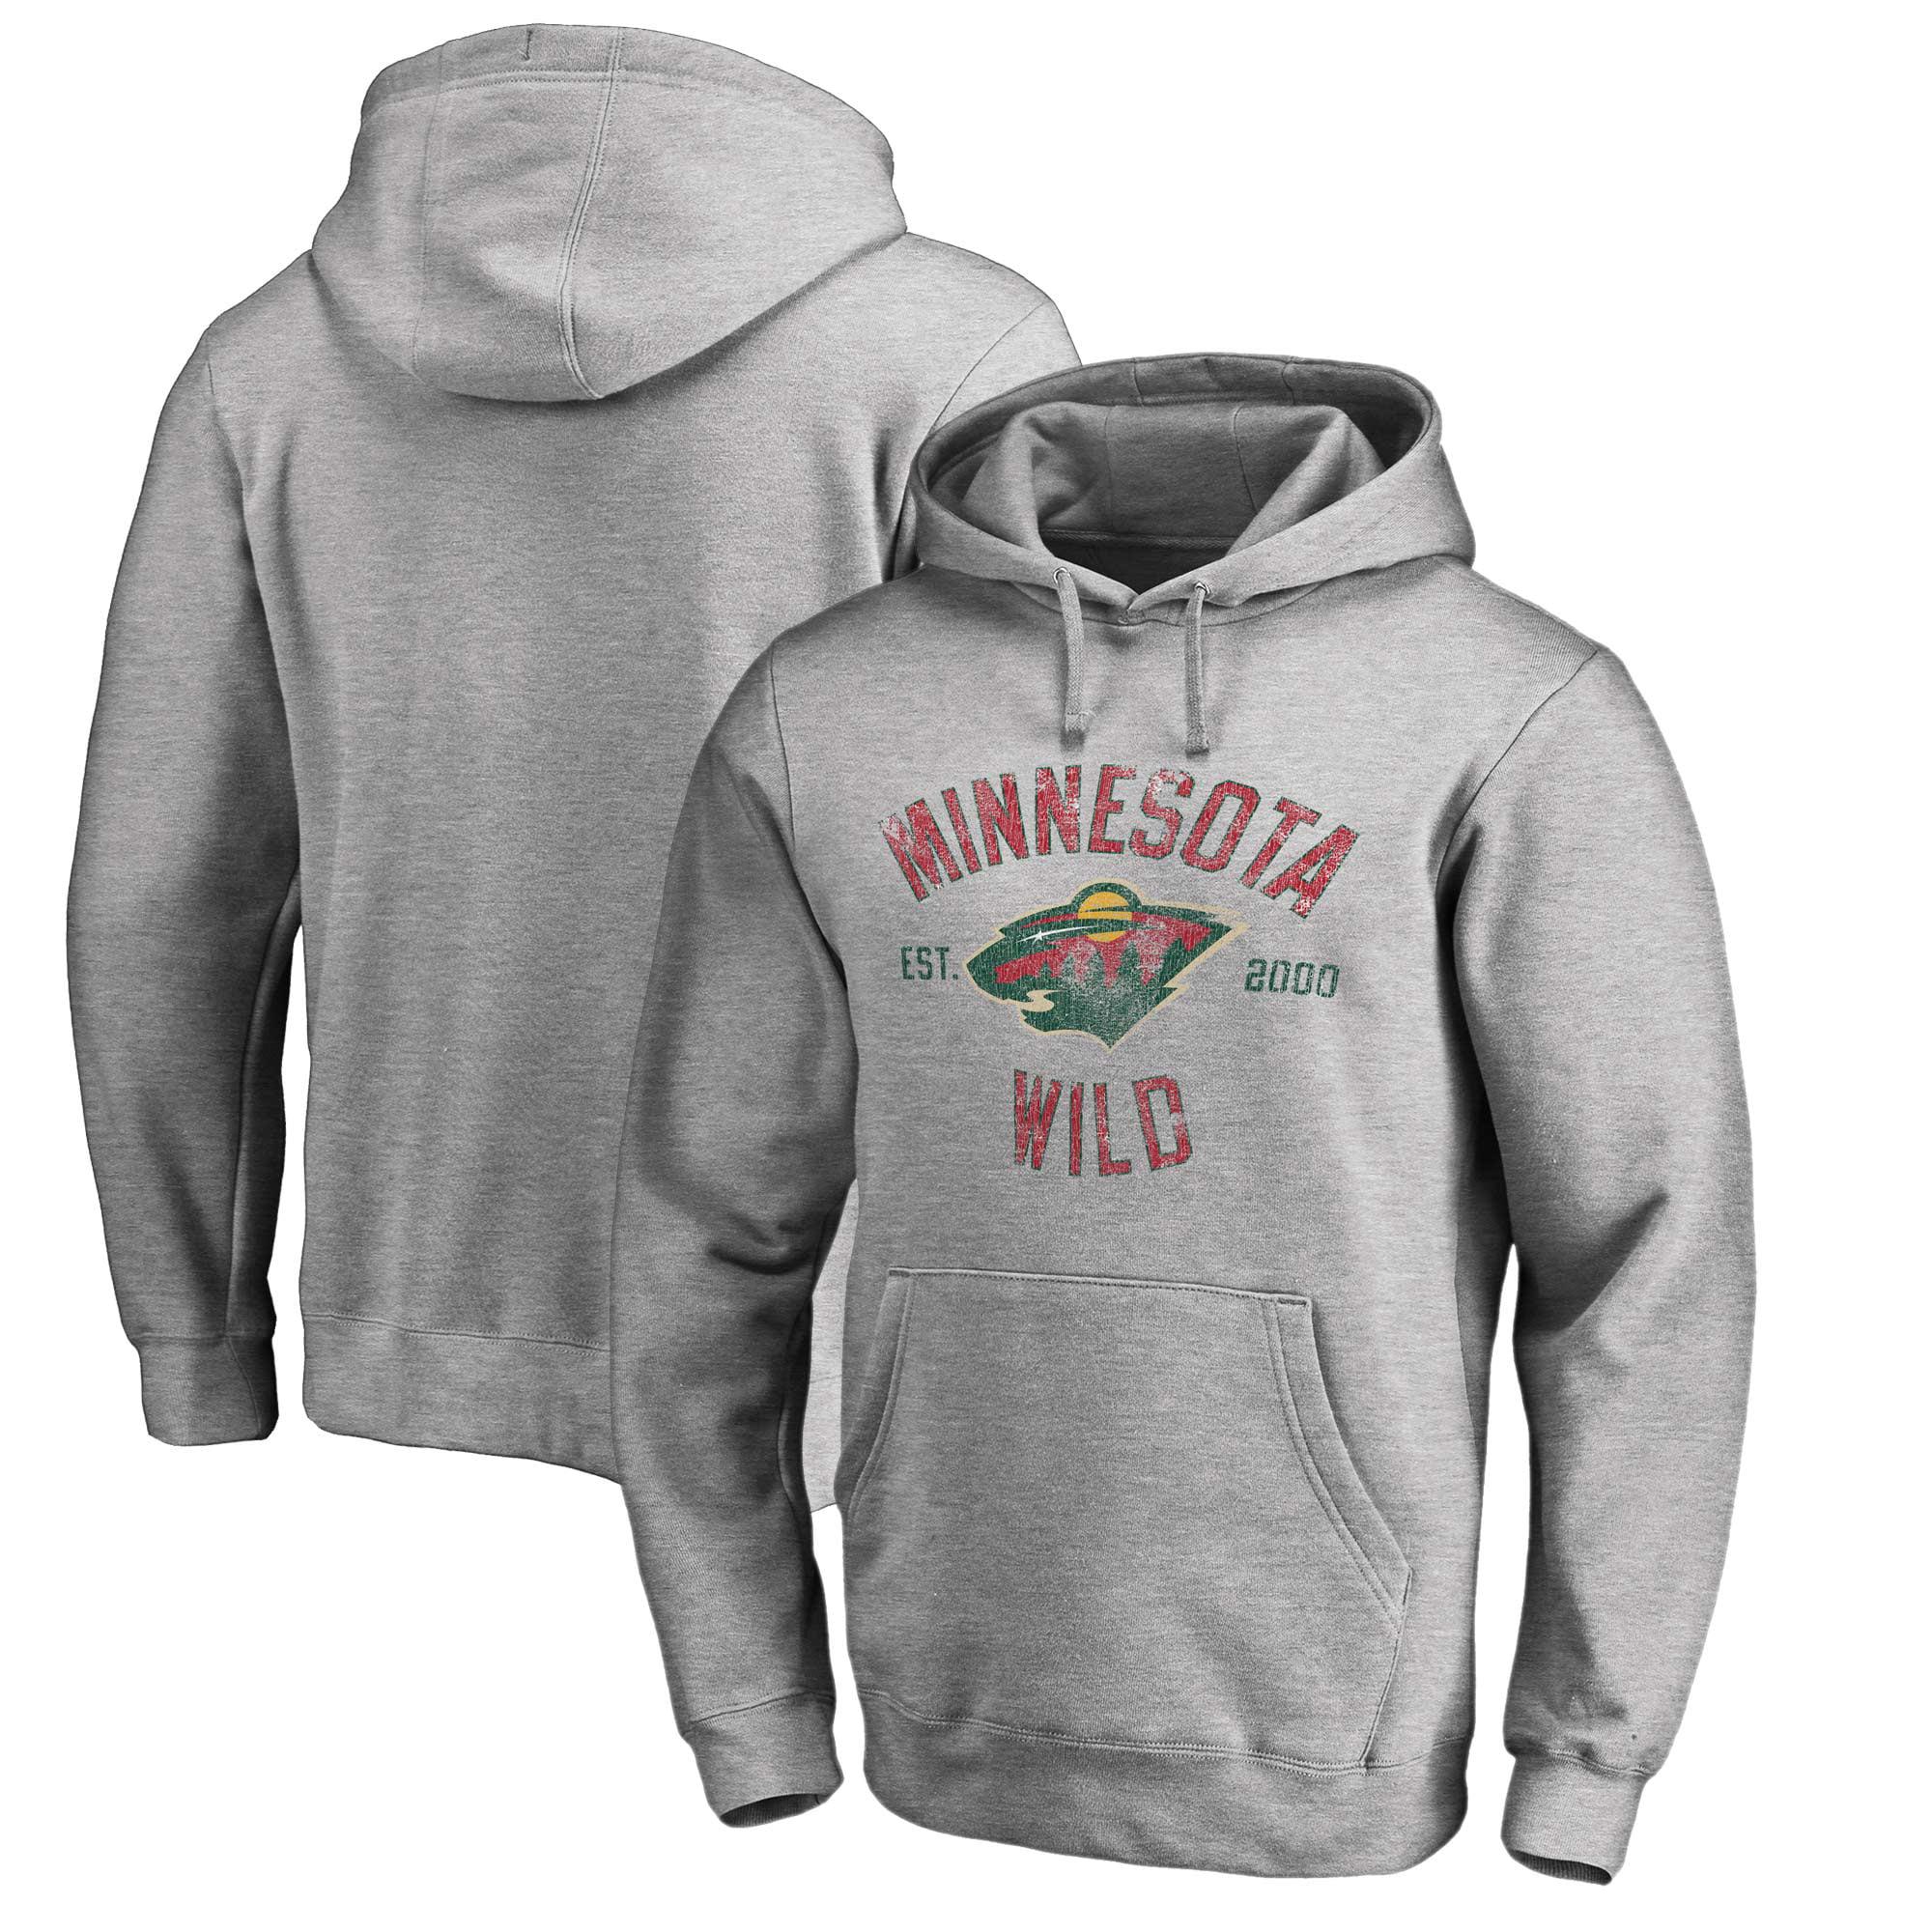 Minnesota Wild Fanatics Branded Vintage Heritage Pullover Hoodie - Heathered Gray